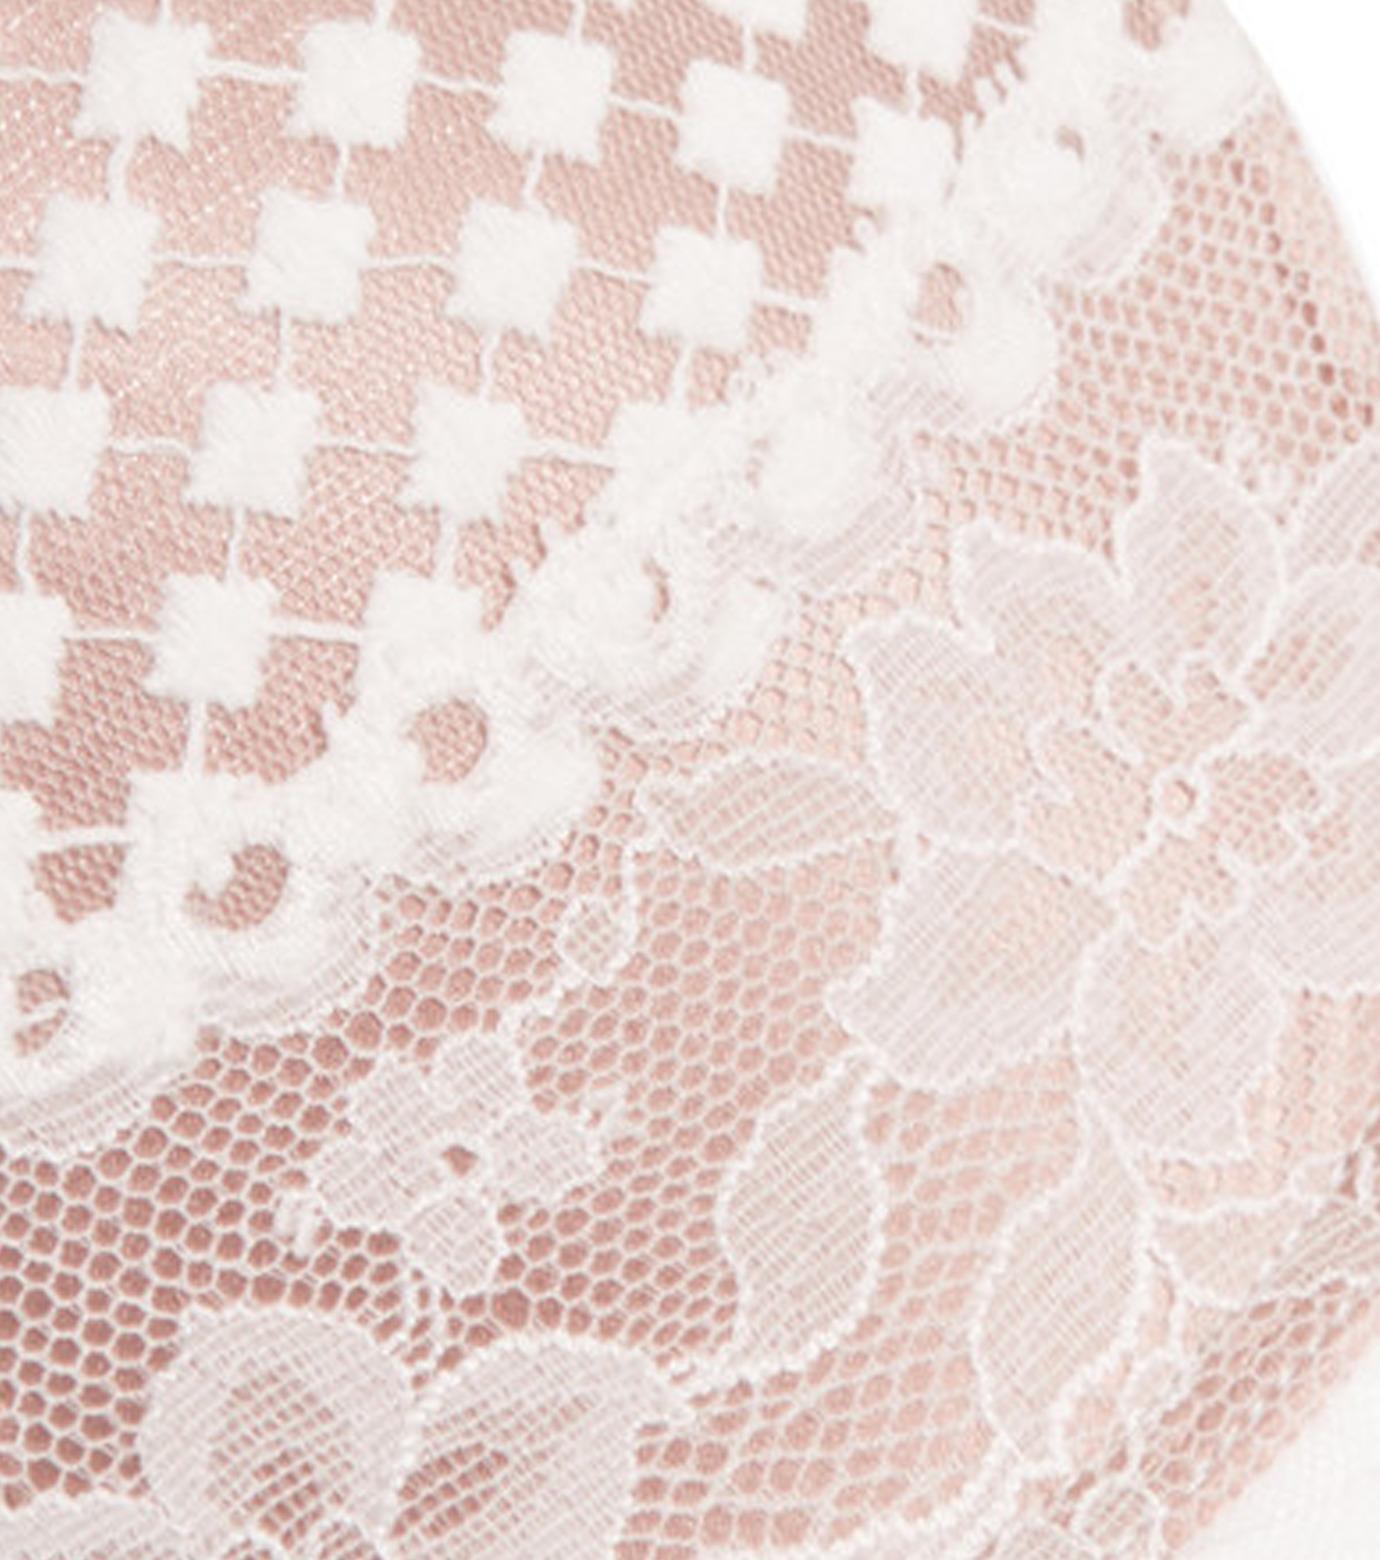 Stella McCartney Lingerie(ステラ マッカートニー ランジェリー)のMOLLY INSPIRING Contour plunge-WHITE(LINGERIE/LINGERIE)-S80-289-4 拡大詳細画像4